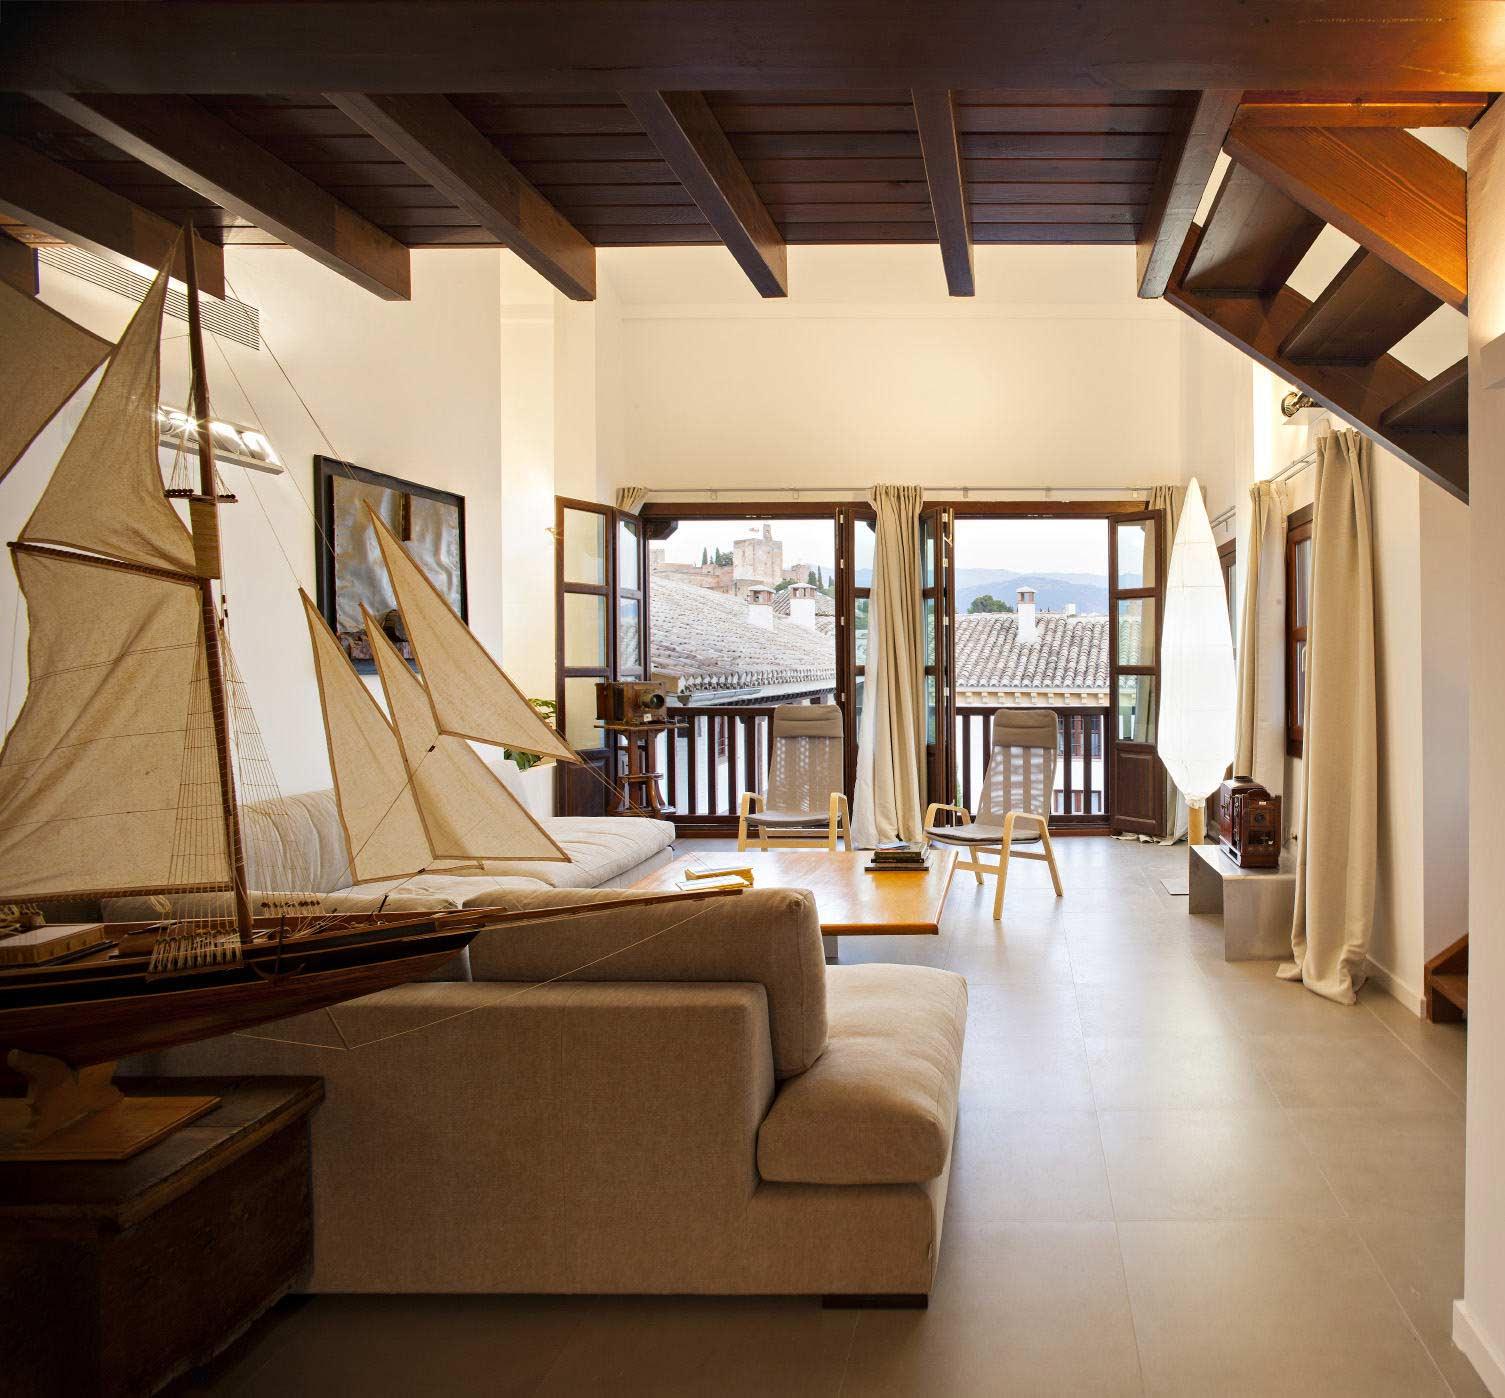 Apartamento con techo madera y balcones